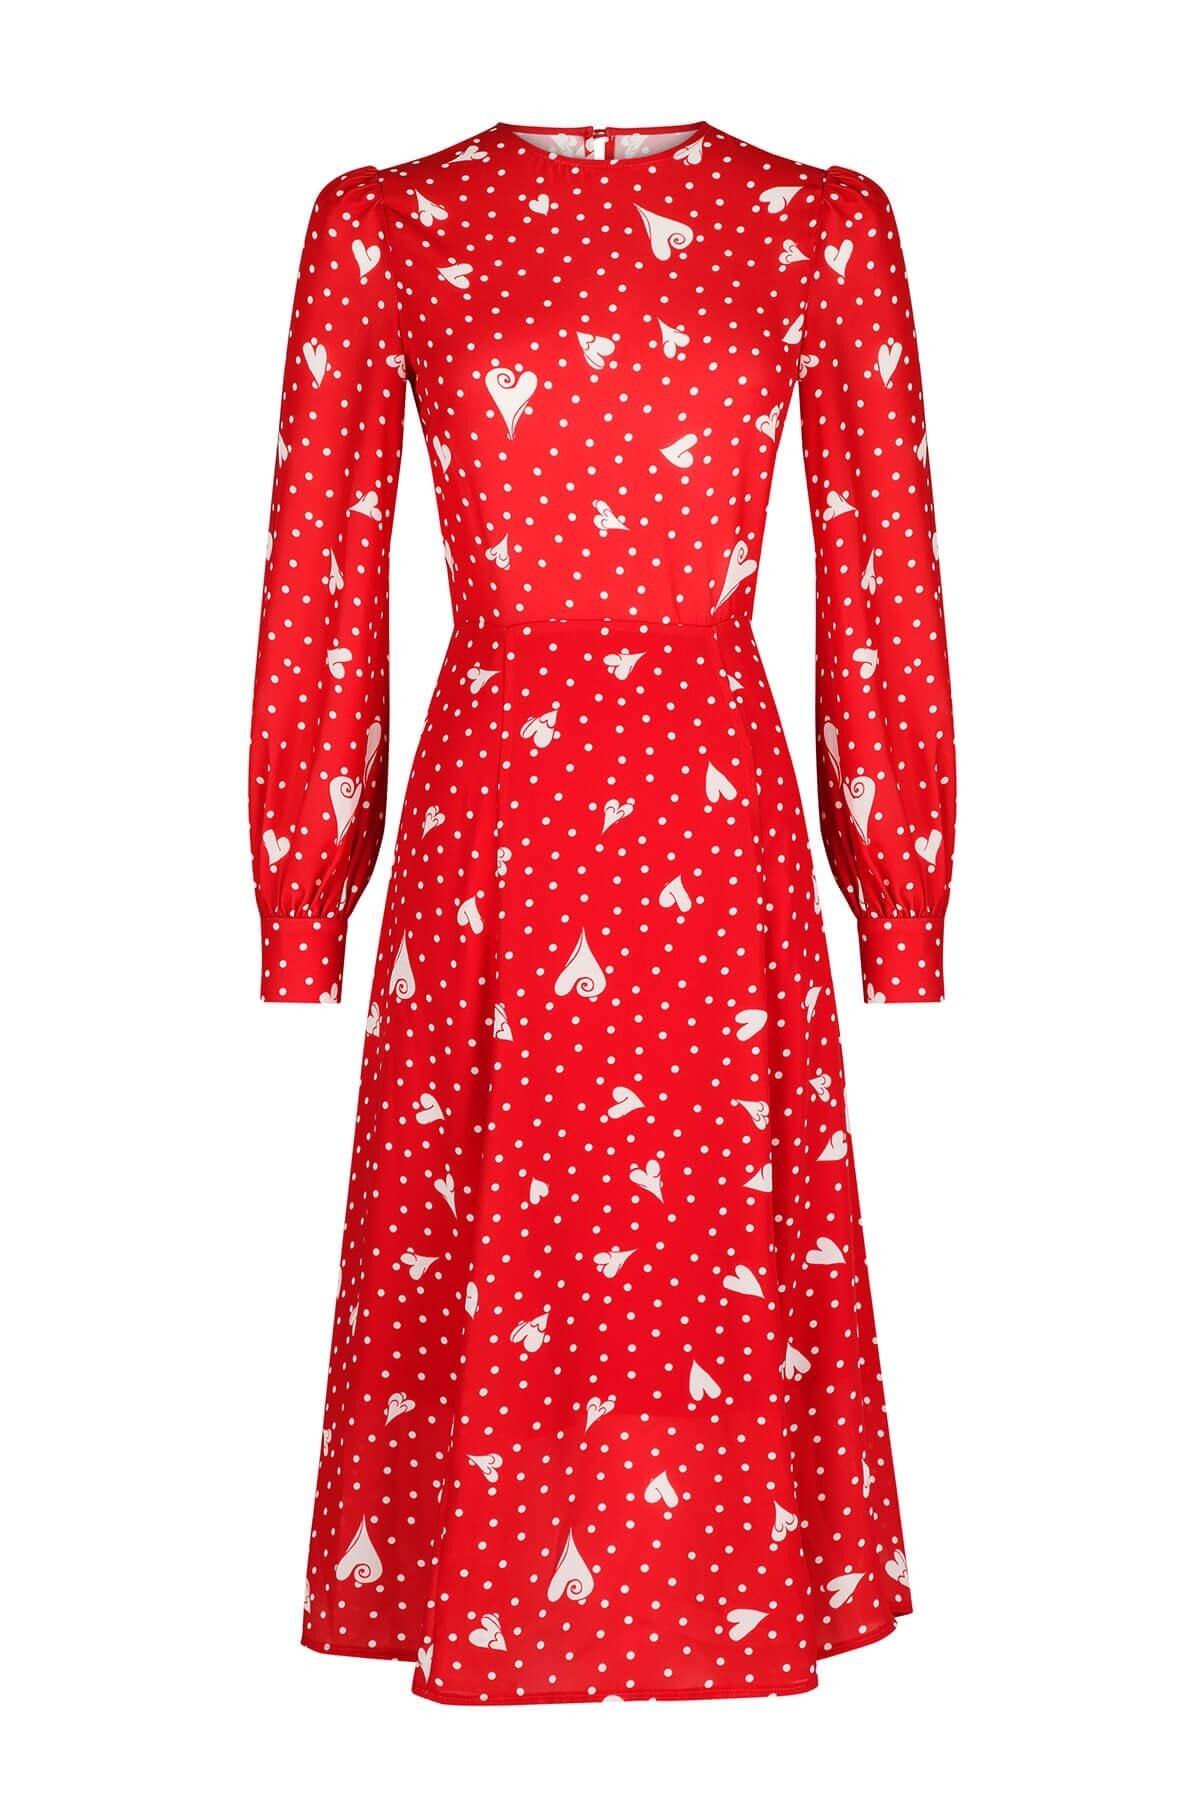 The Latest Thing Gıselle Kalp Desenli Sırtı Açık Elbise 2745952 3